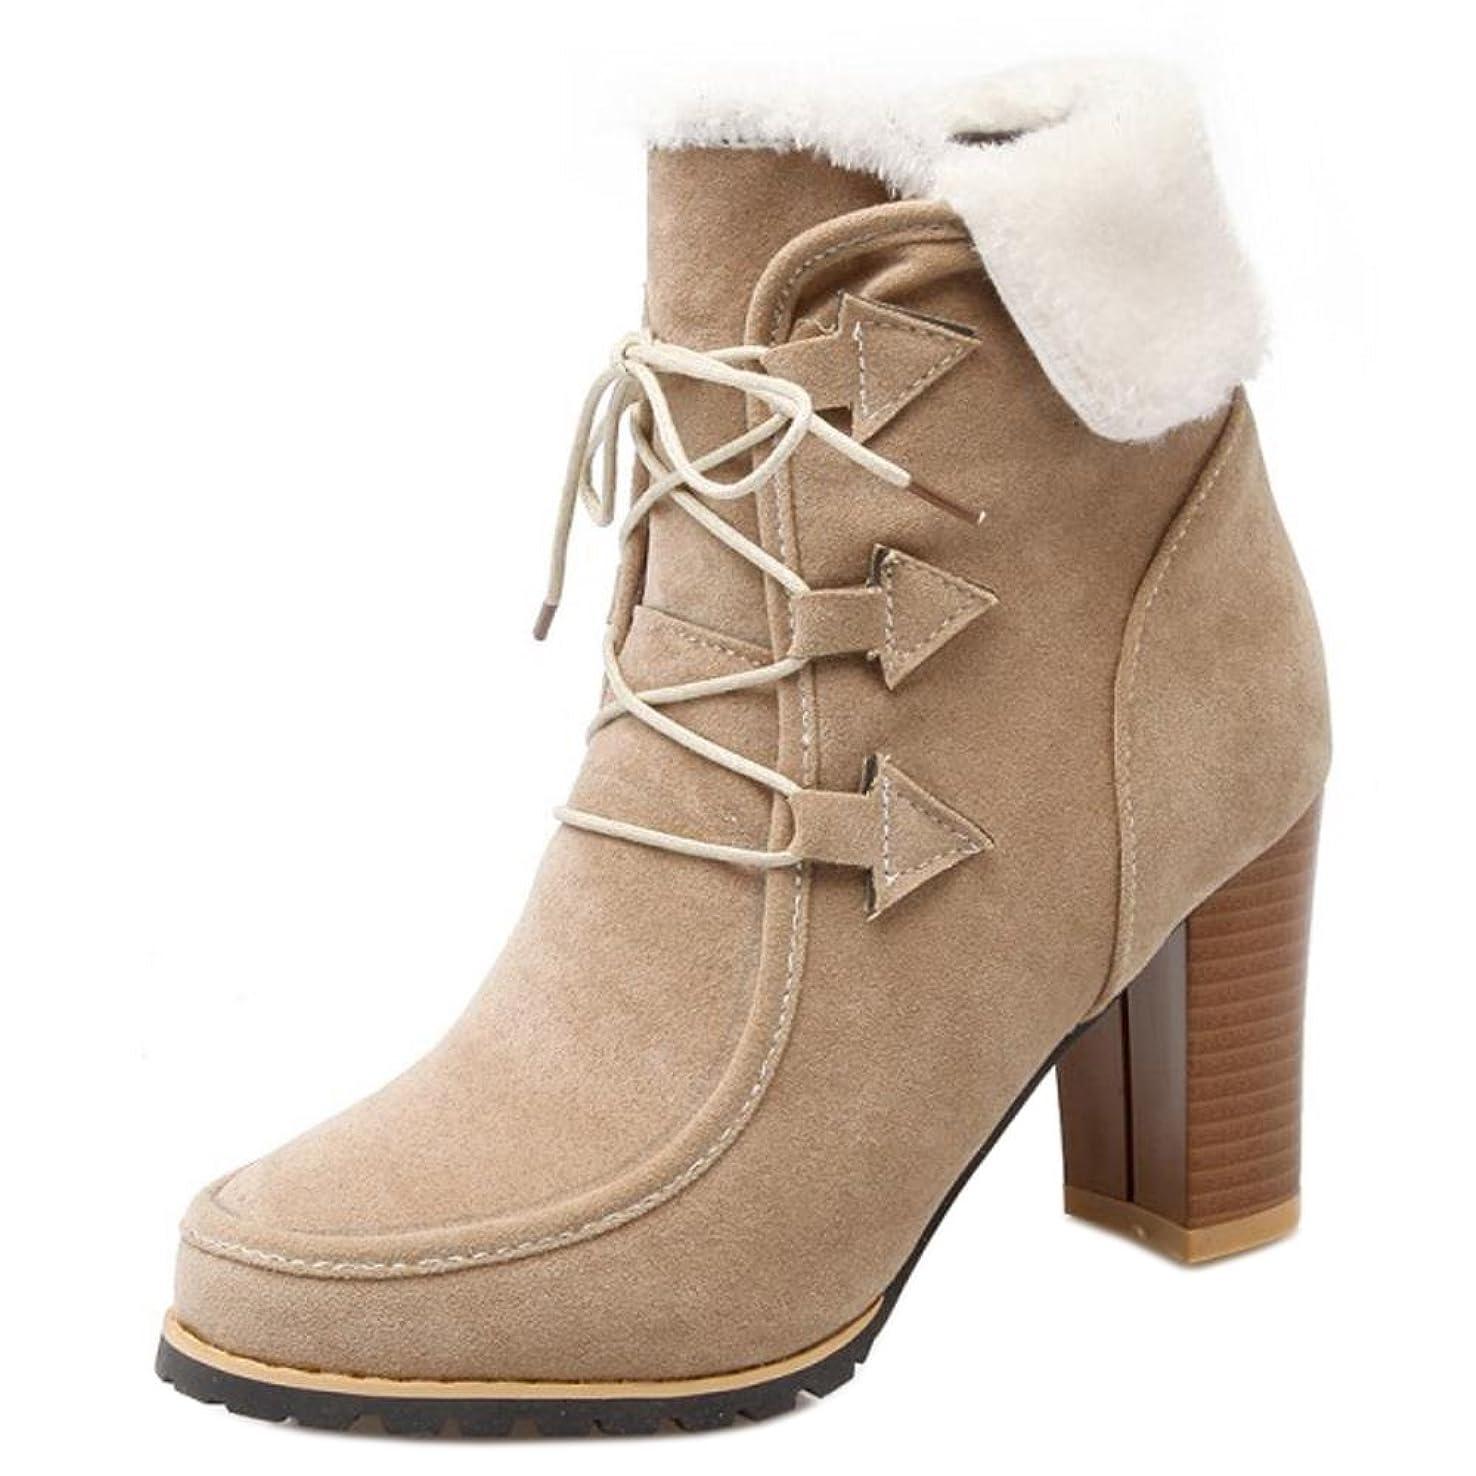 小石テーブル厚さ[FANIMILA] レディース ファッション ブーツ冬 太ヒール レースアップ ブーツ 通勤